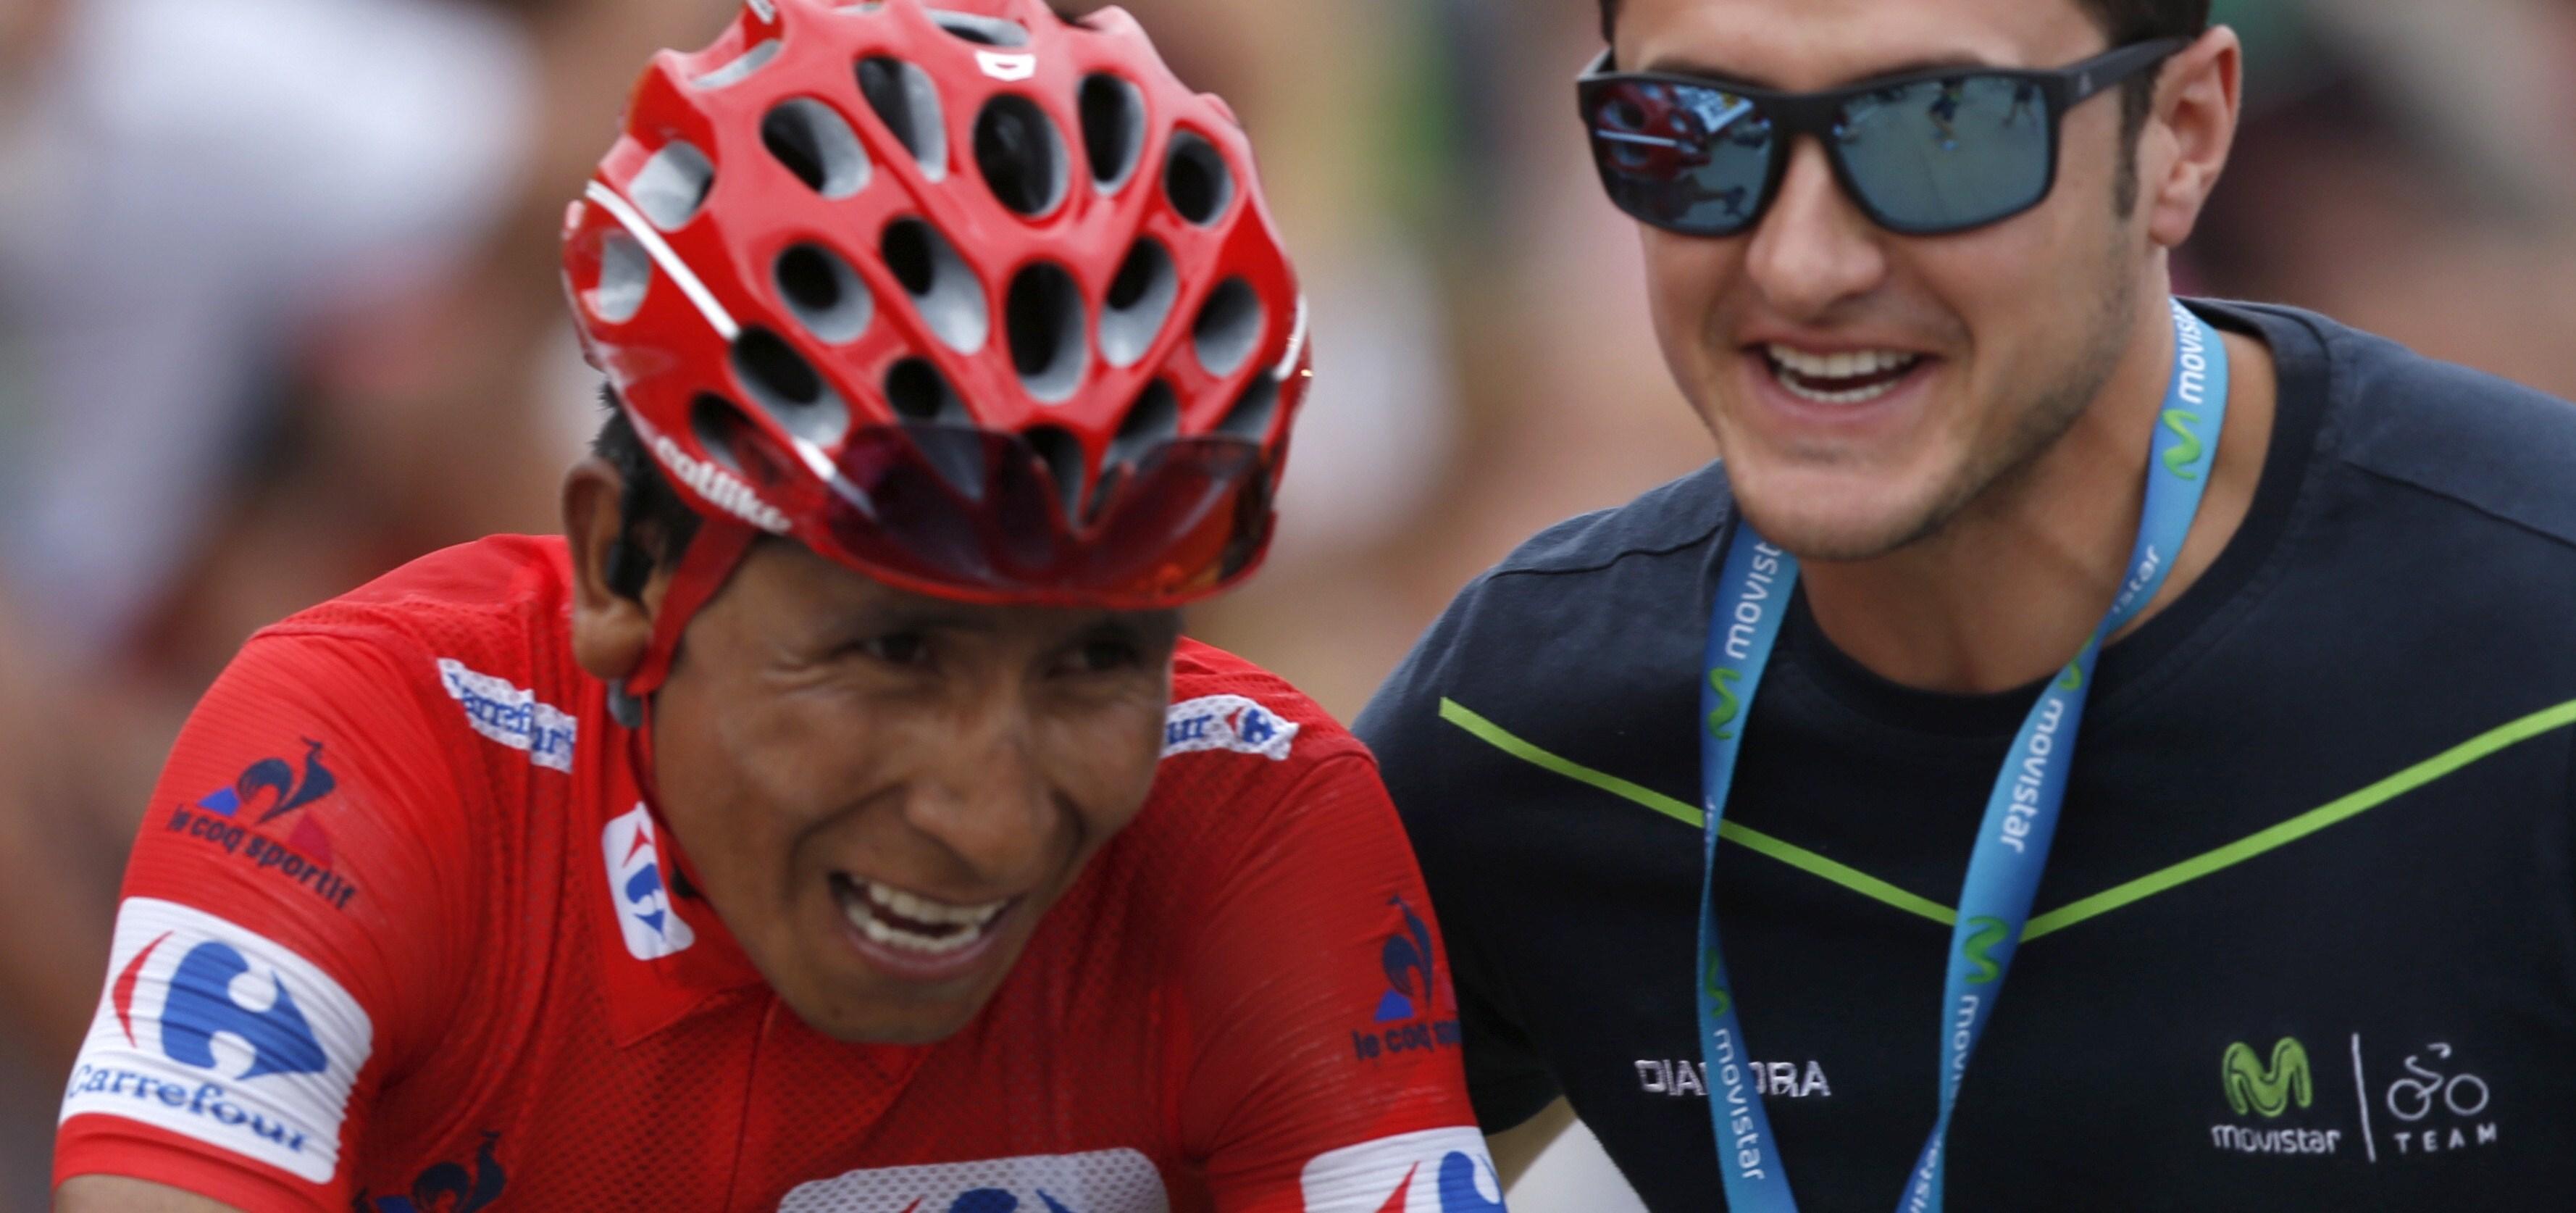 GRA217. FORMIGAL (HUESCA), 04/09/2016.- El ciclista colombiano del equipo Movistar, Nairo Quintana a su llegada a la meta de la decimoquinta etapa de la Vuelta Ciclista a España 2016, con salida en la localidad de Sabiñánigo y meta en Aramón Formigal,en Sallént de Gállego, con un recorrido de 118,5 kilómetros. EFE/Javier Lizon